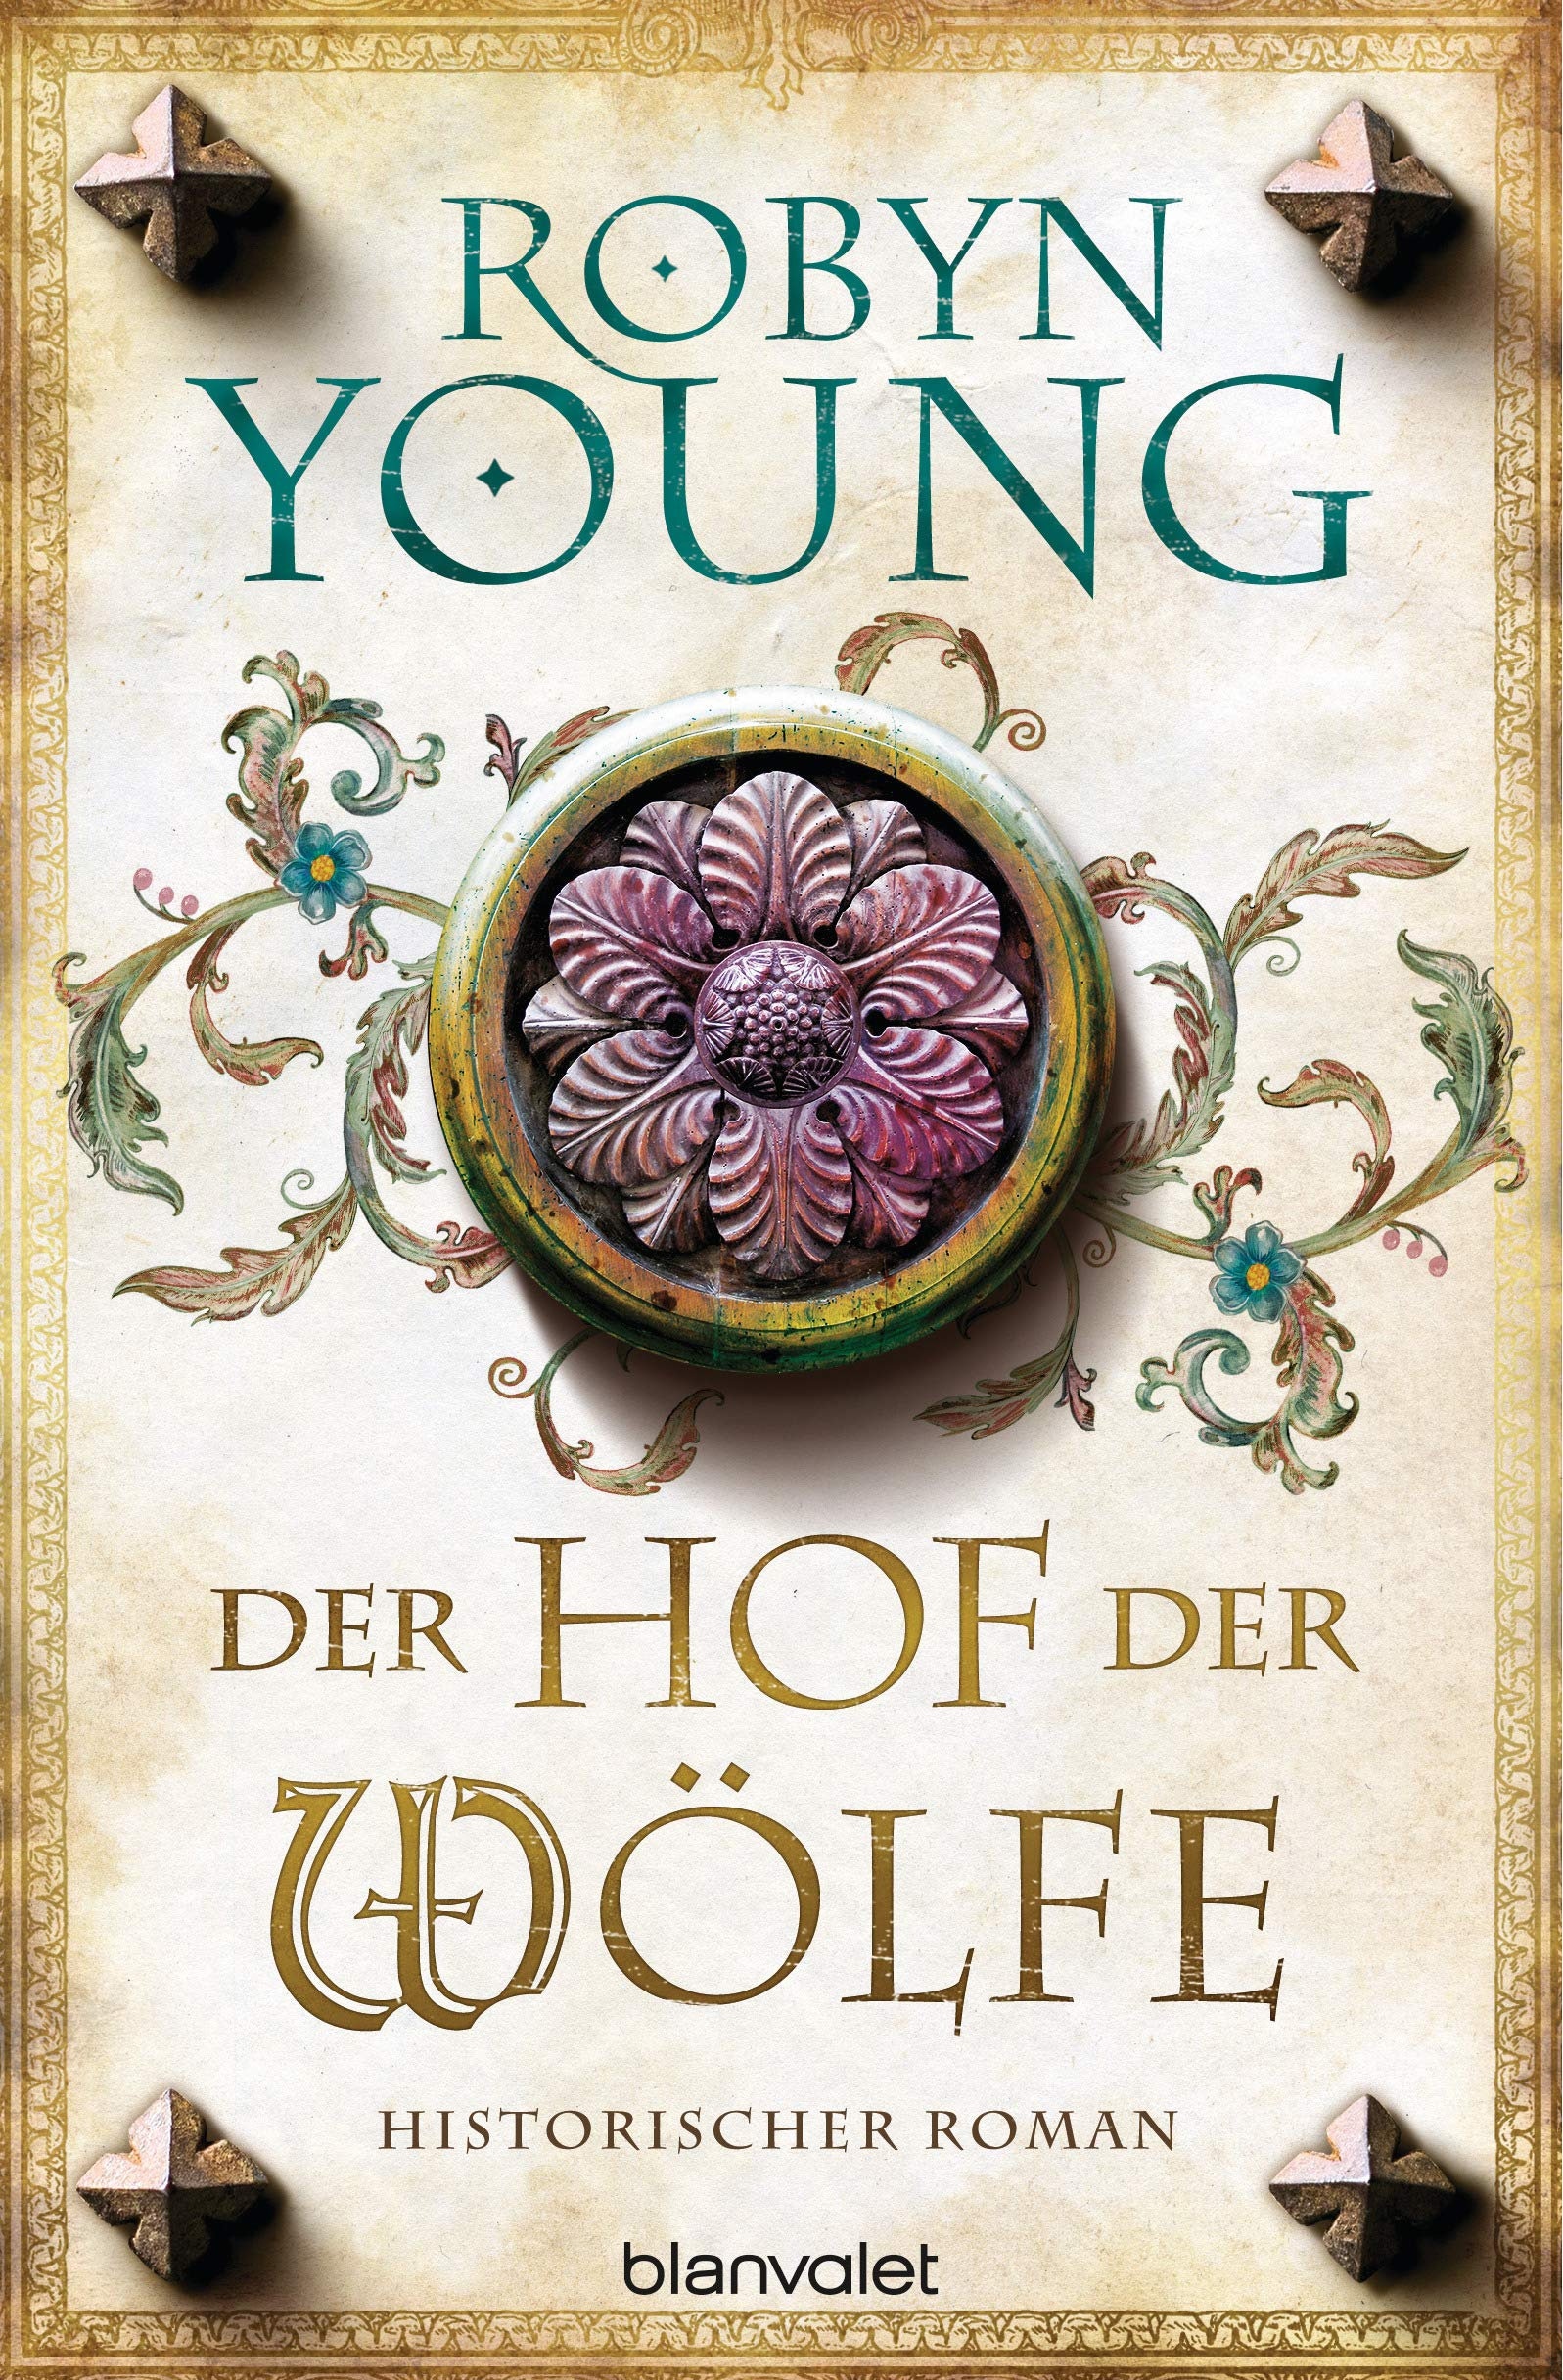 Der Hof der Wölfe: Historischer Roman (Jack Wynter, Band 2) Taschenbuch – 19. August 2019 Robyn Young Nina Bader Blanvalet Taschenbuch Verlag 3734104467